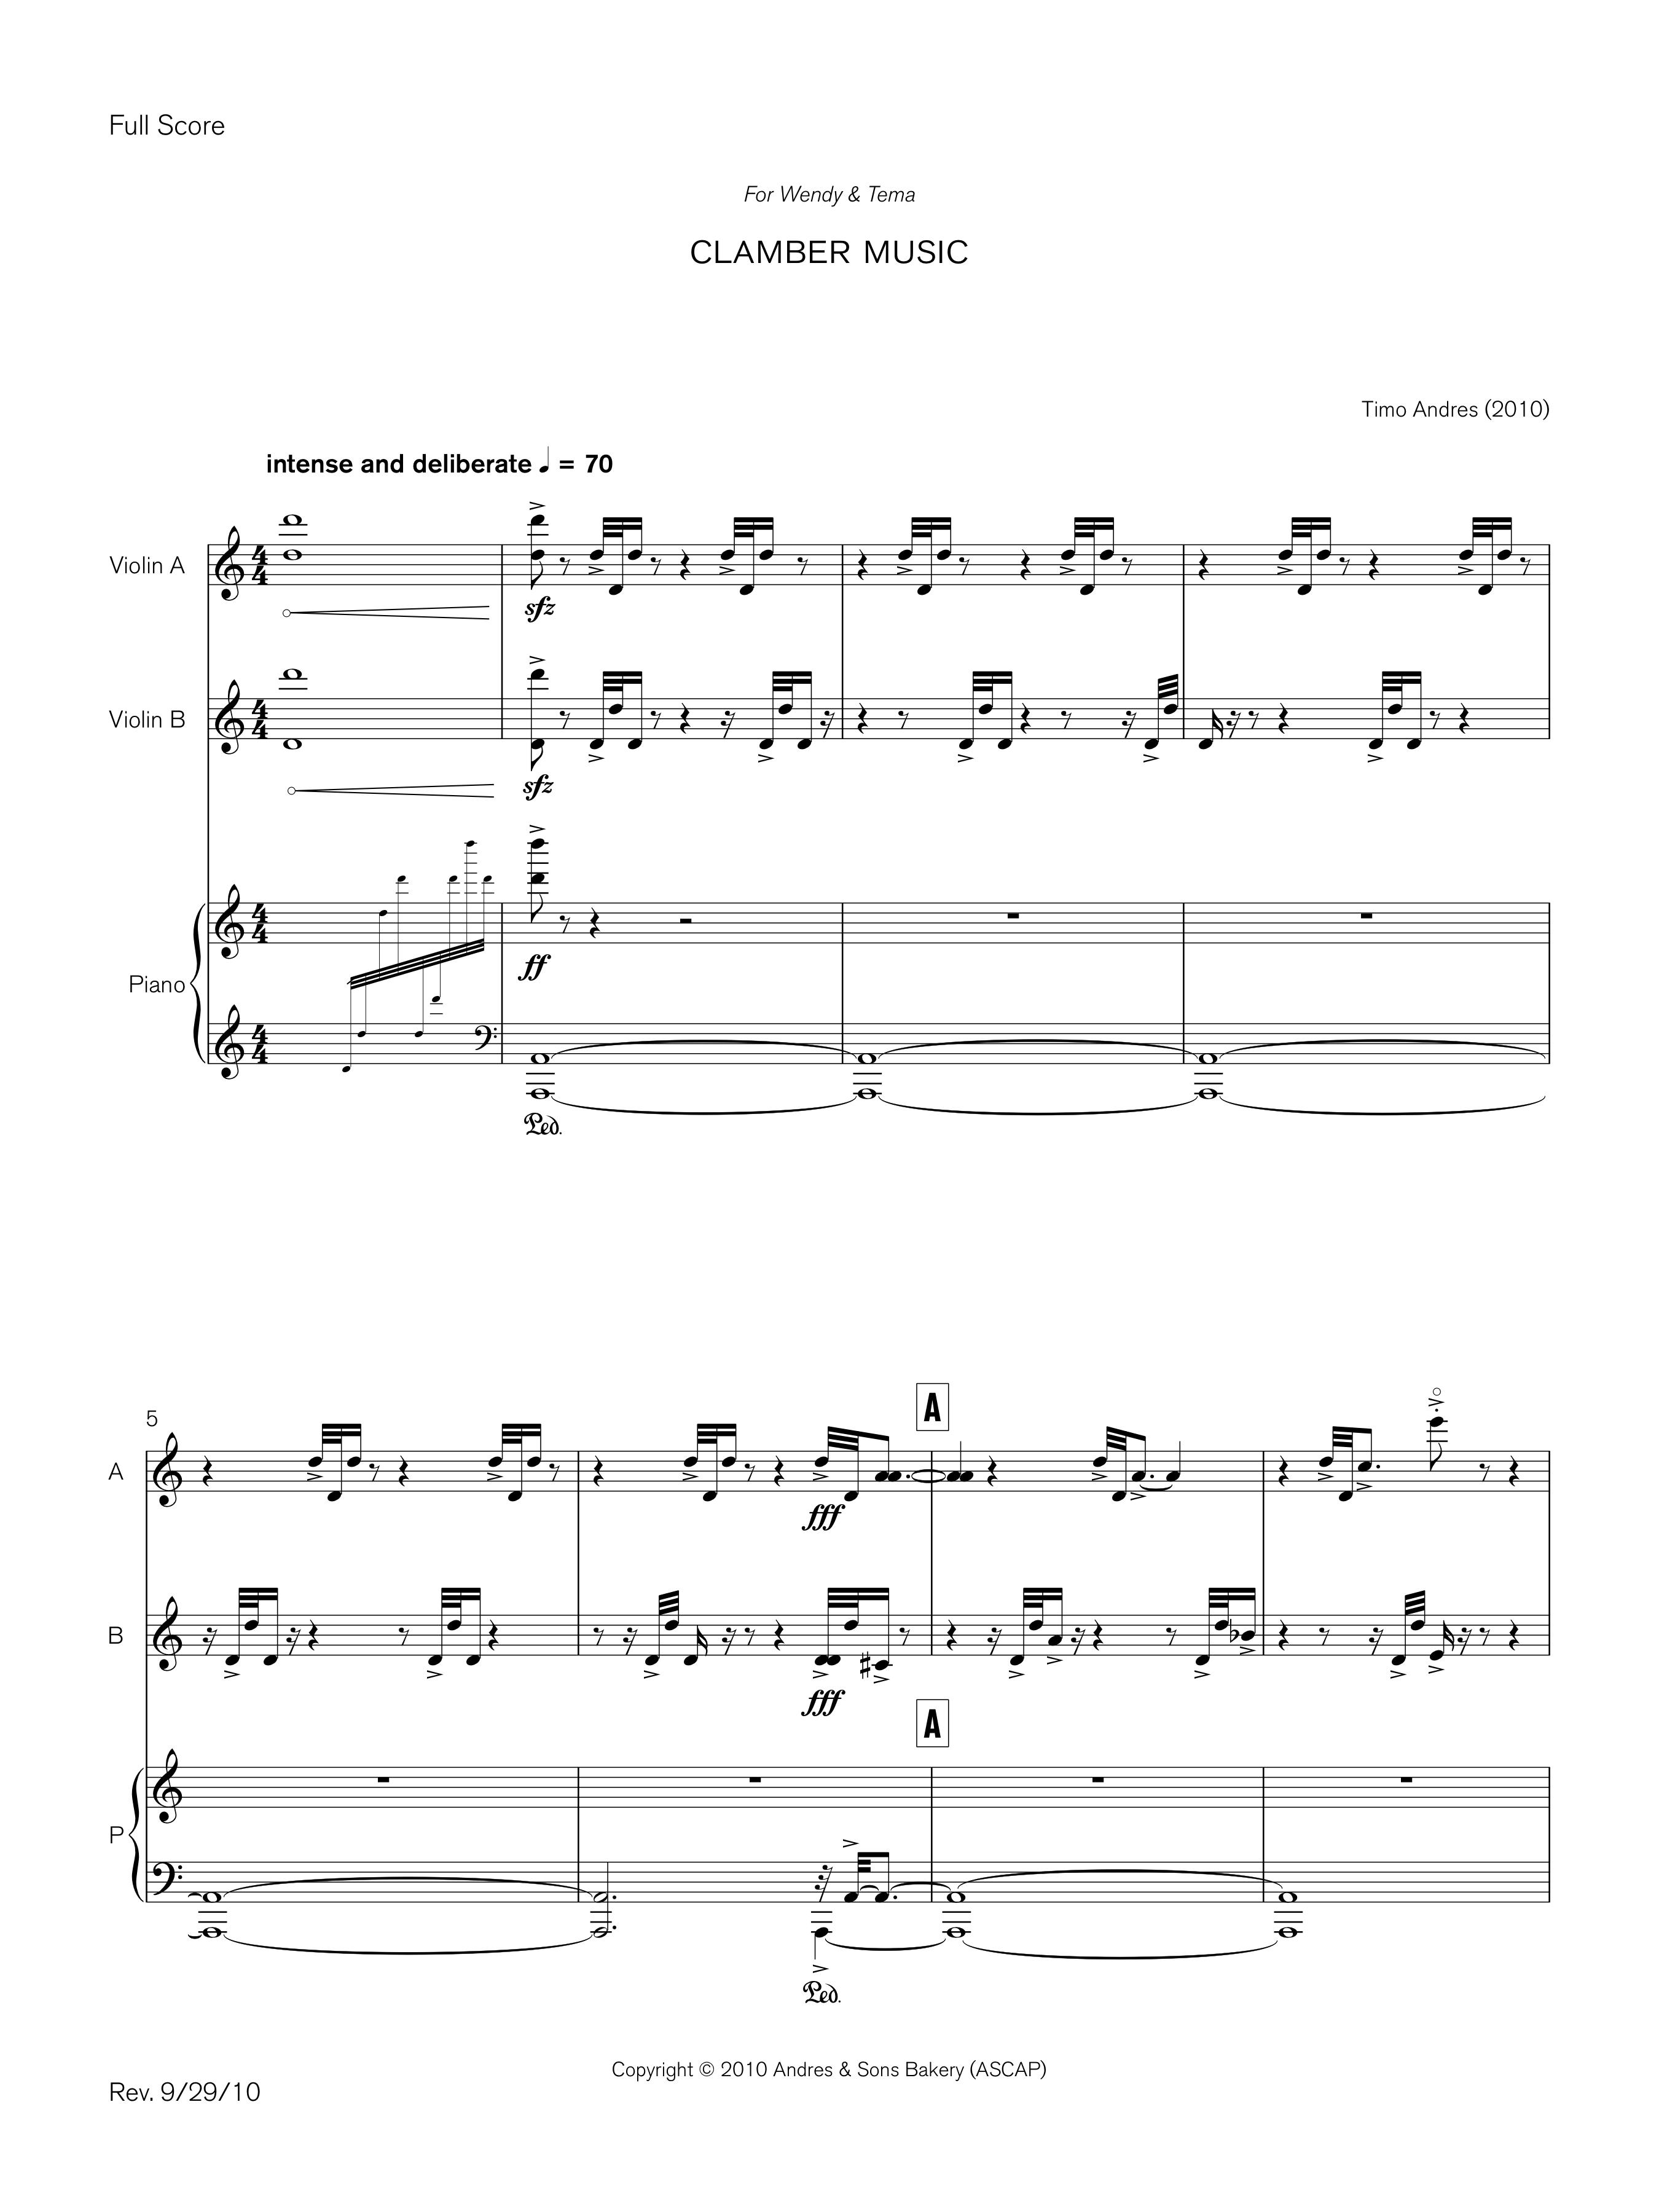 Clamber Music, p. 1